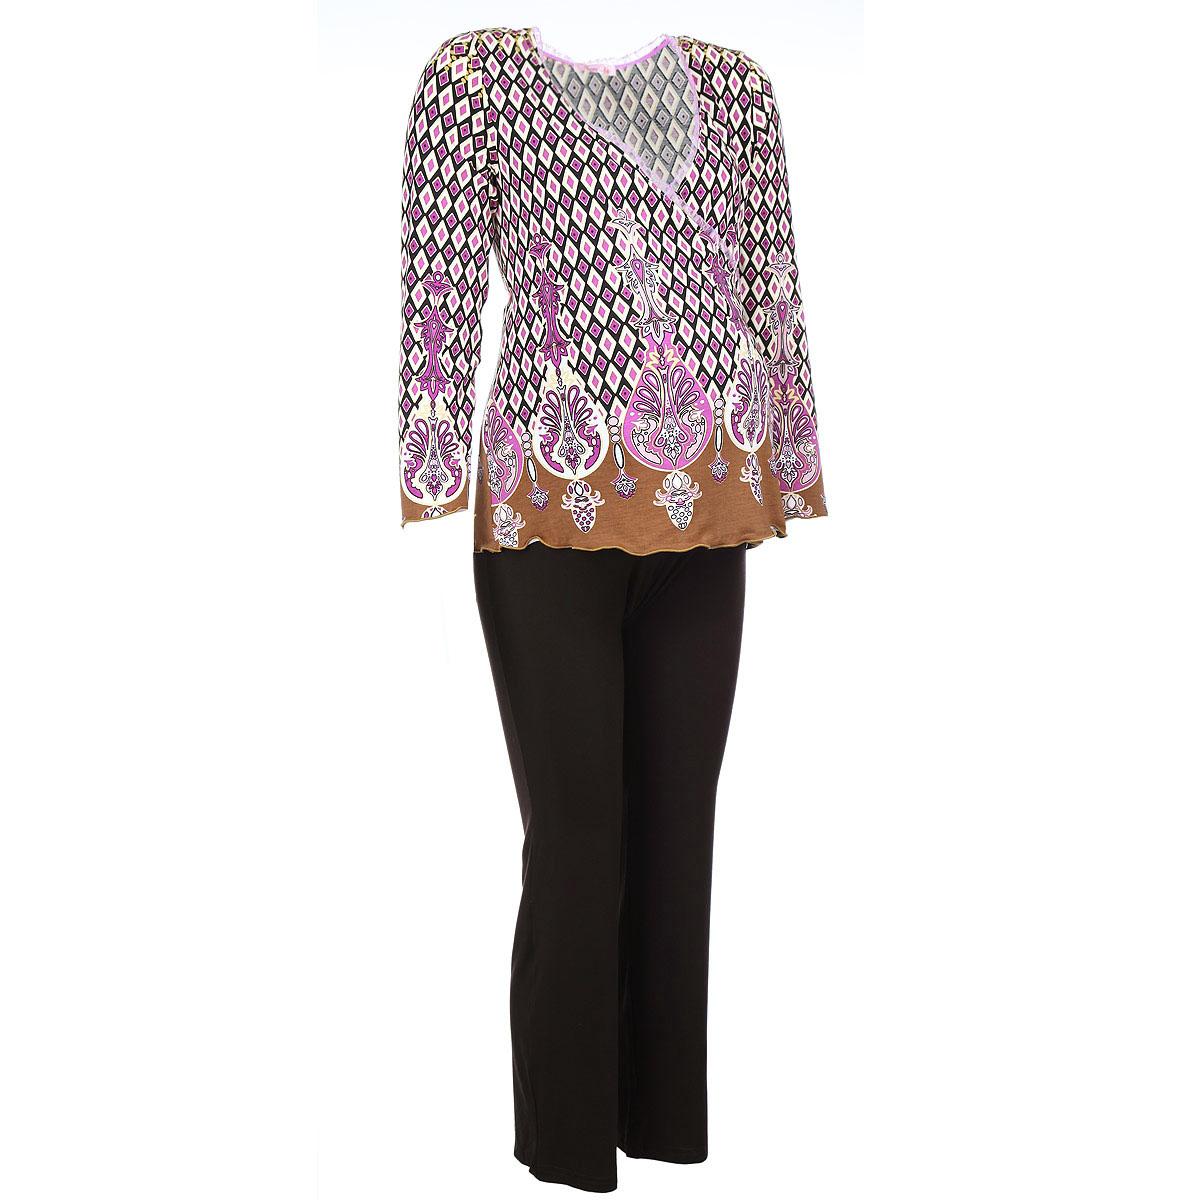 405.4Удобный, красивый домашний костюм для беременных и кормящих мам Nuova Vita Mamma Romantico, изготовленный из эластичной вискозы, состоит из блузы и брюк. Блуза на запах свободного кроя с рукавами 3/4 и мягкие брюки на эластичном поясе под живот составляют прекрасный комплект. Универсальность этого комплекта заключается в том, что его можно носить как во время беременности, так и после рождения ребенка. Блуза имеет легкий доступ к груди для комфортного кормления малыша, а так же максимального удобства ночных кормлений. Резинка на брюках устроена так, что во время беременности она находится под животом. Нежная пастельная расцветка придает этому костюму особый шарм и нежность. Одежда, изготовленная из вискозы, приятна к телу, сохраняет тепло в холодное время года и дарит прохладу в теплое, позволяет коже дышать. Эта ткань на ощупь мягкая и приятная, образует красивые складки. Материал очень хорошо впитывает влагу, не образует катышек. Костюм упакован в...